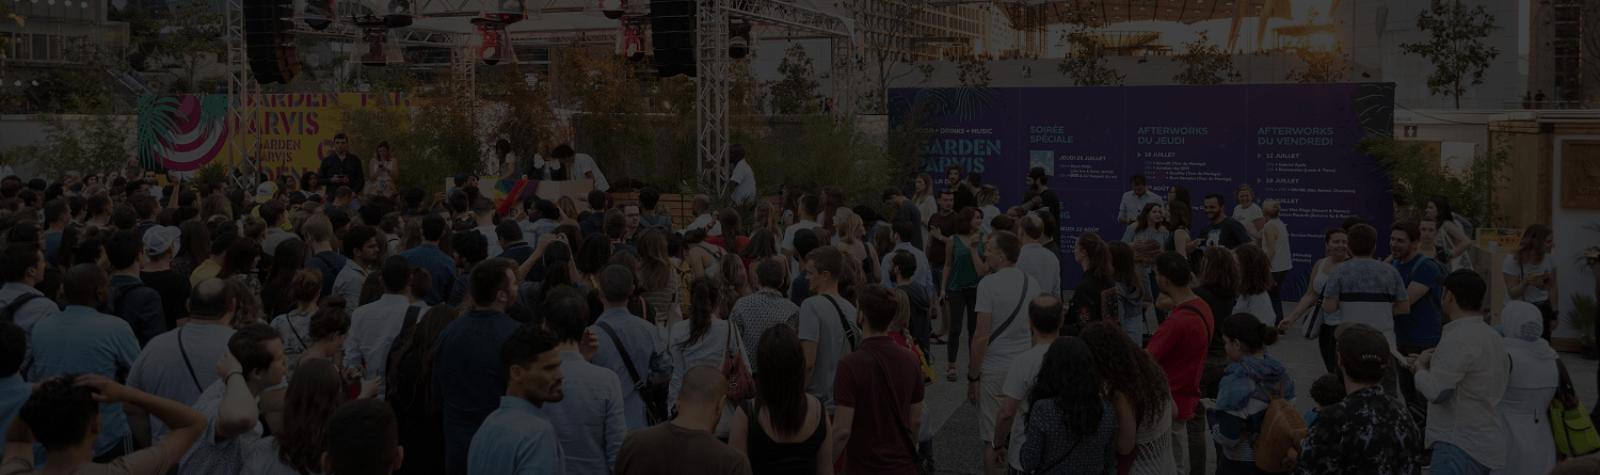 L'édition 2020 de Garden Parvis à Paris La Défense est annulée